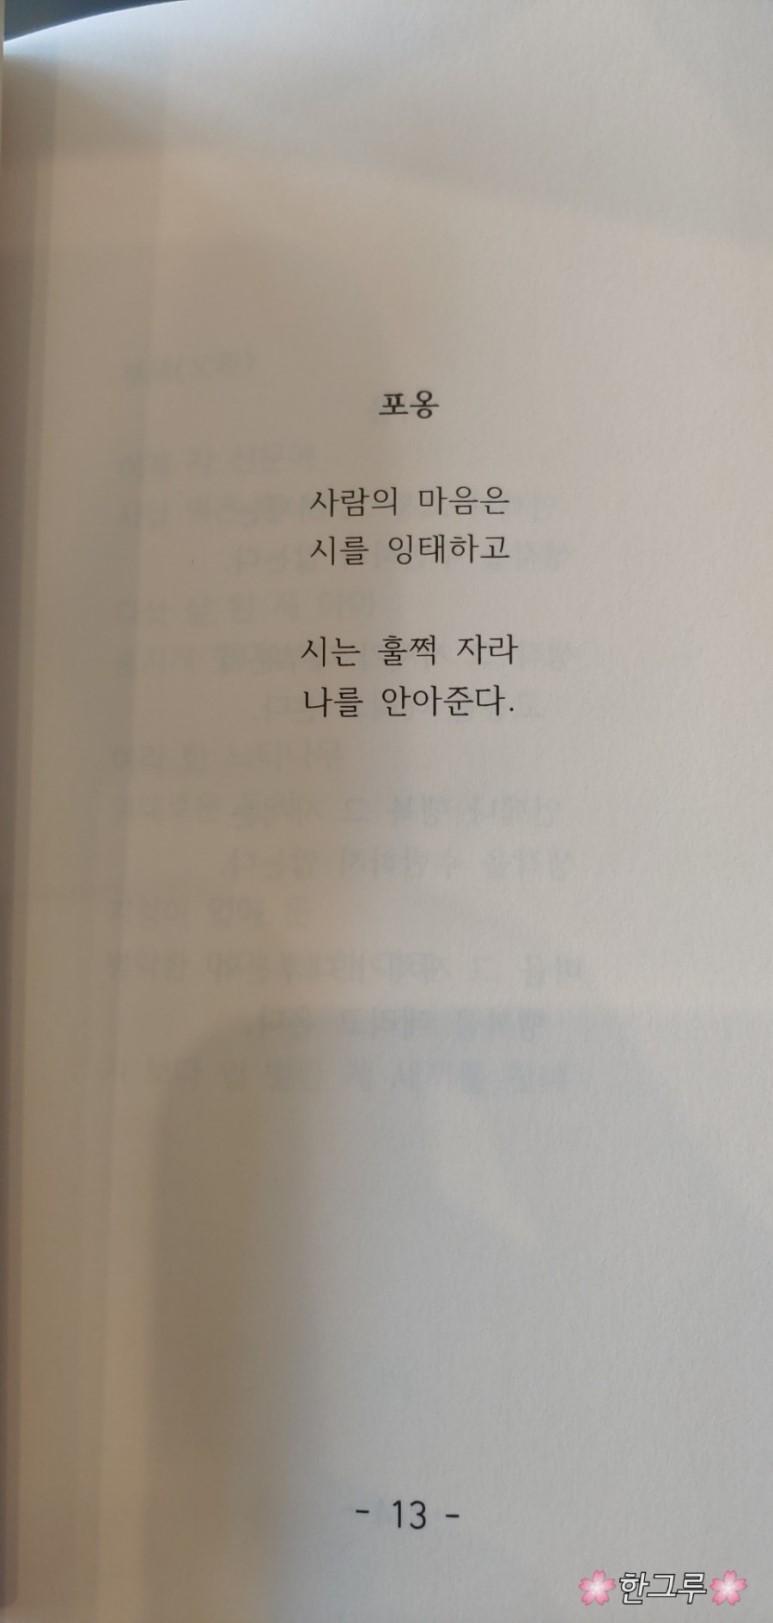 이승규 . 다시 . p 13.jpg